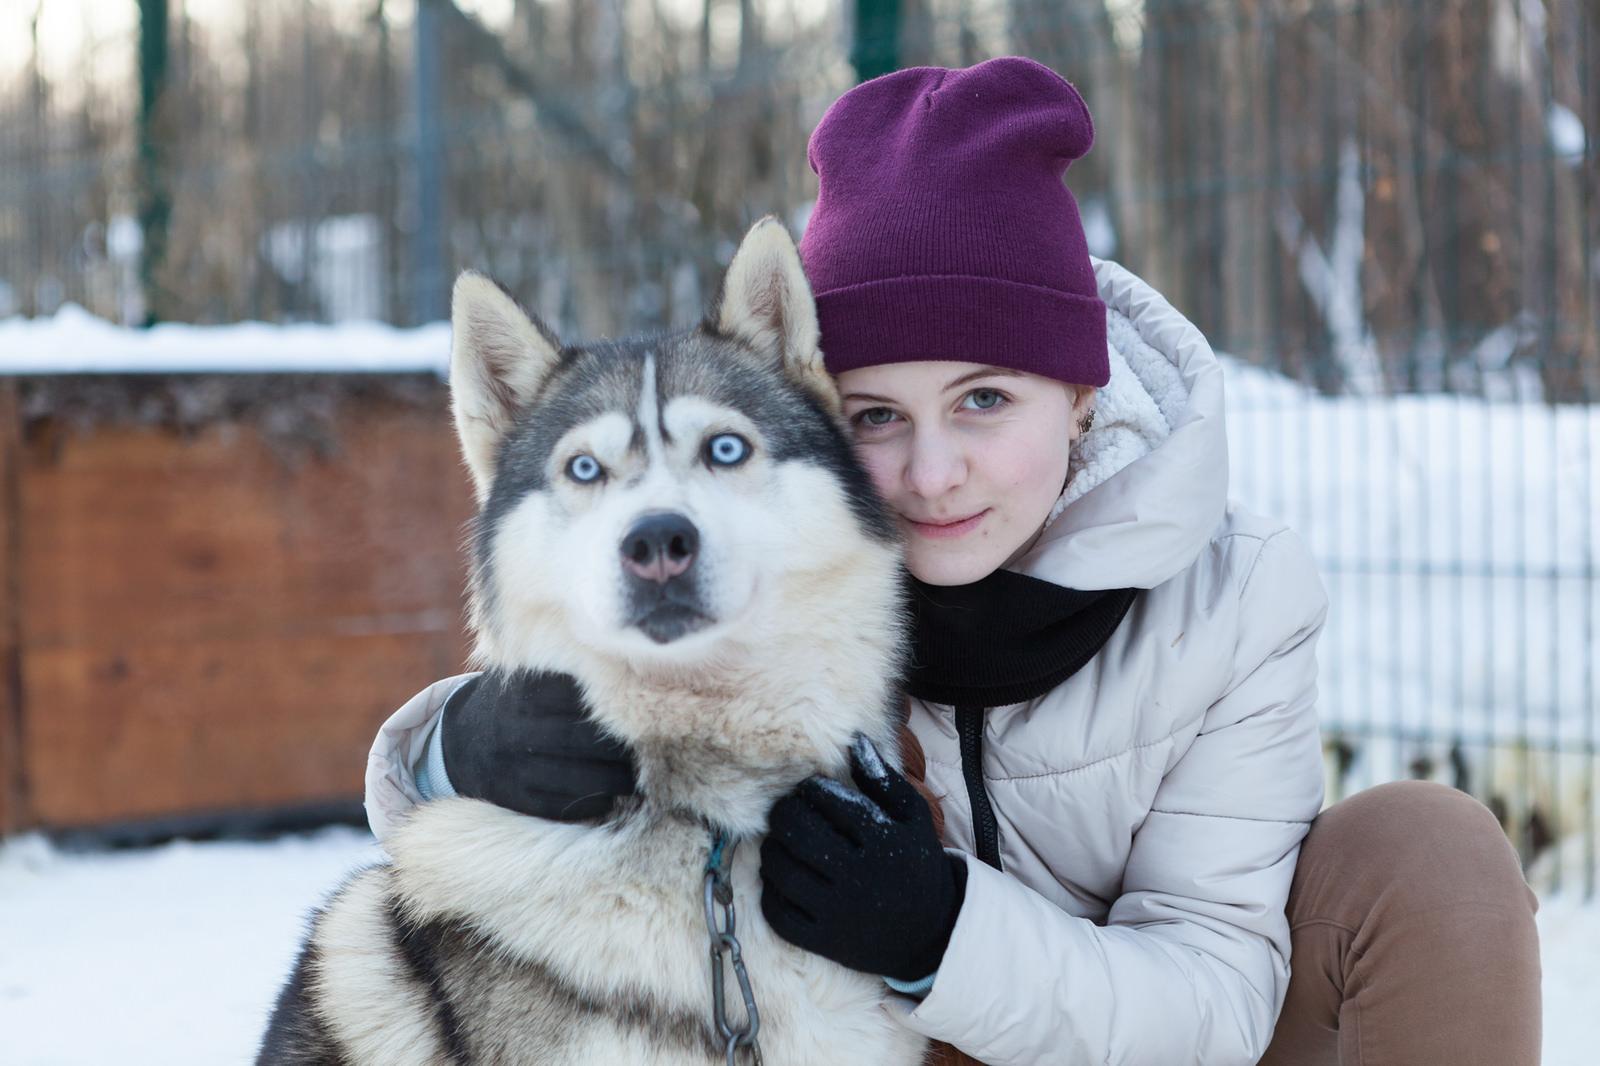 Por qu los perros se parecen tanto a sus due os - Es malo banar mucho a los perros ...